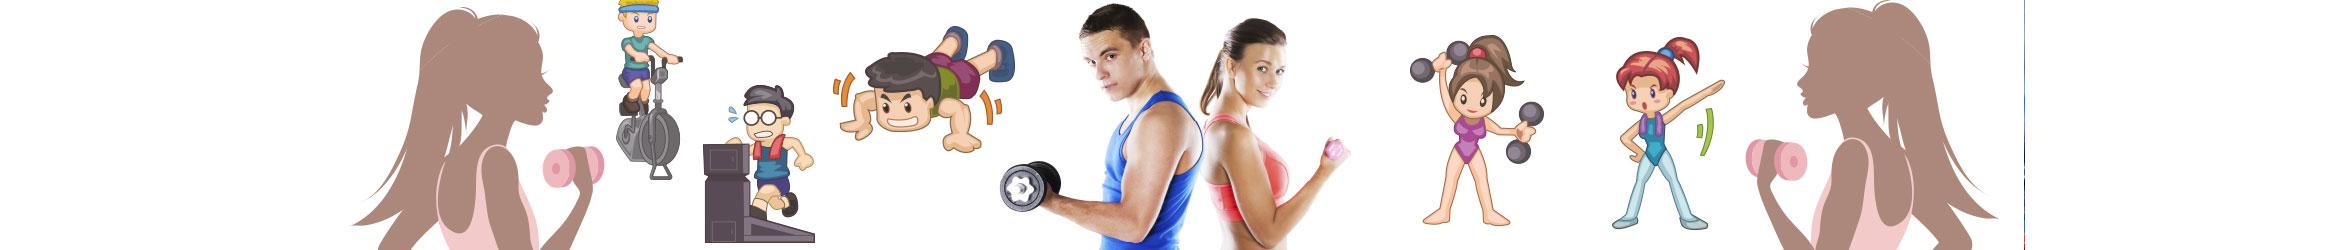 teen-gym